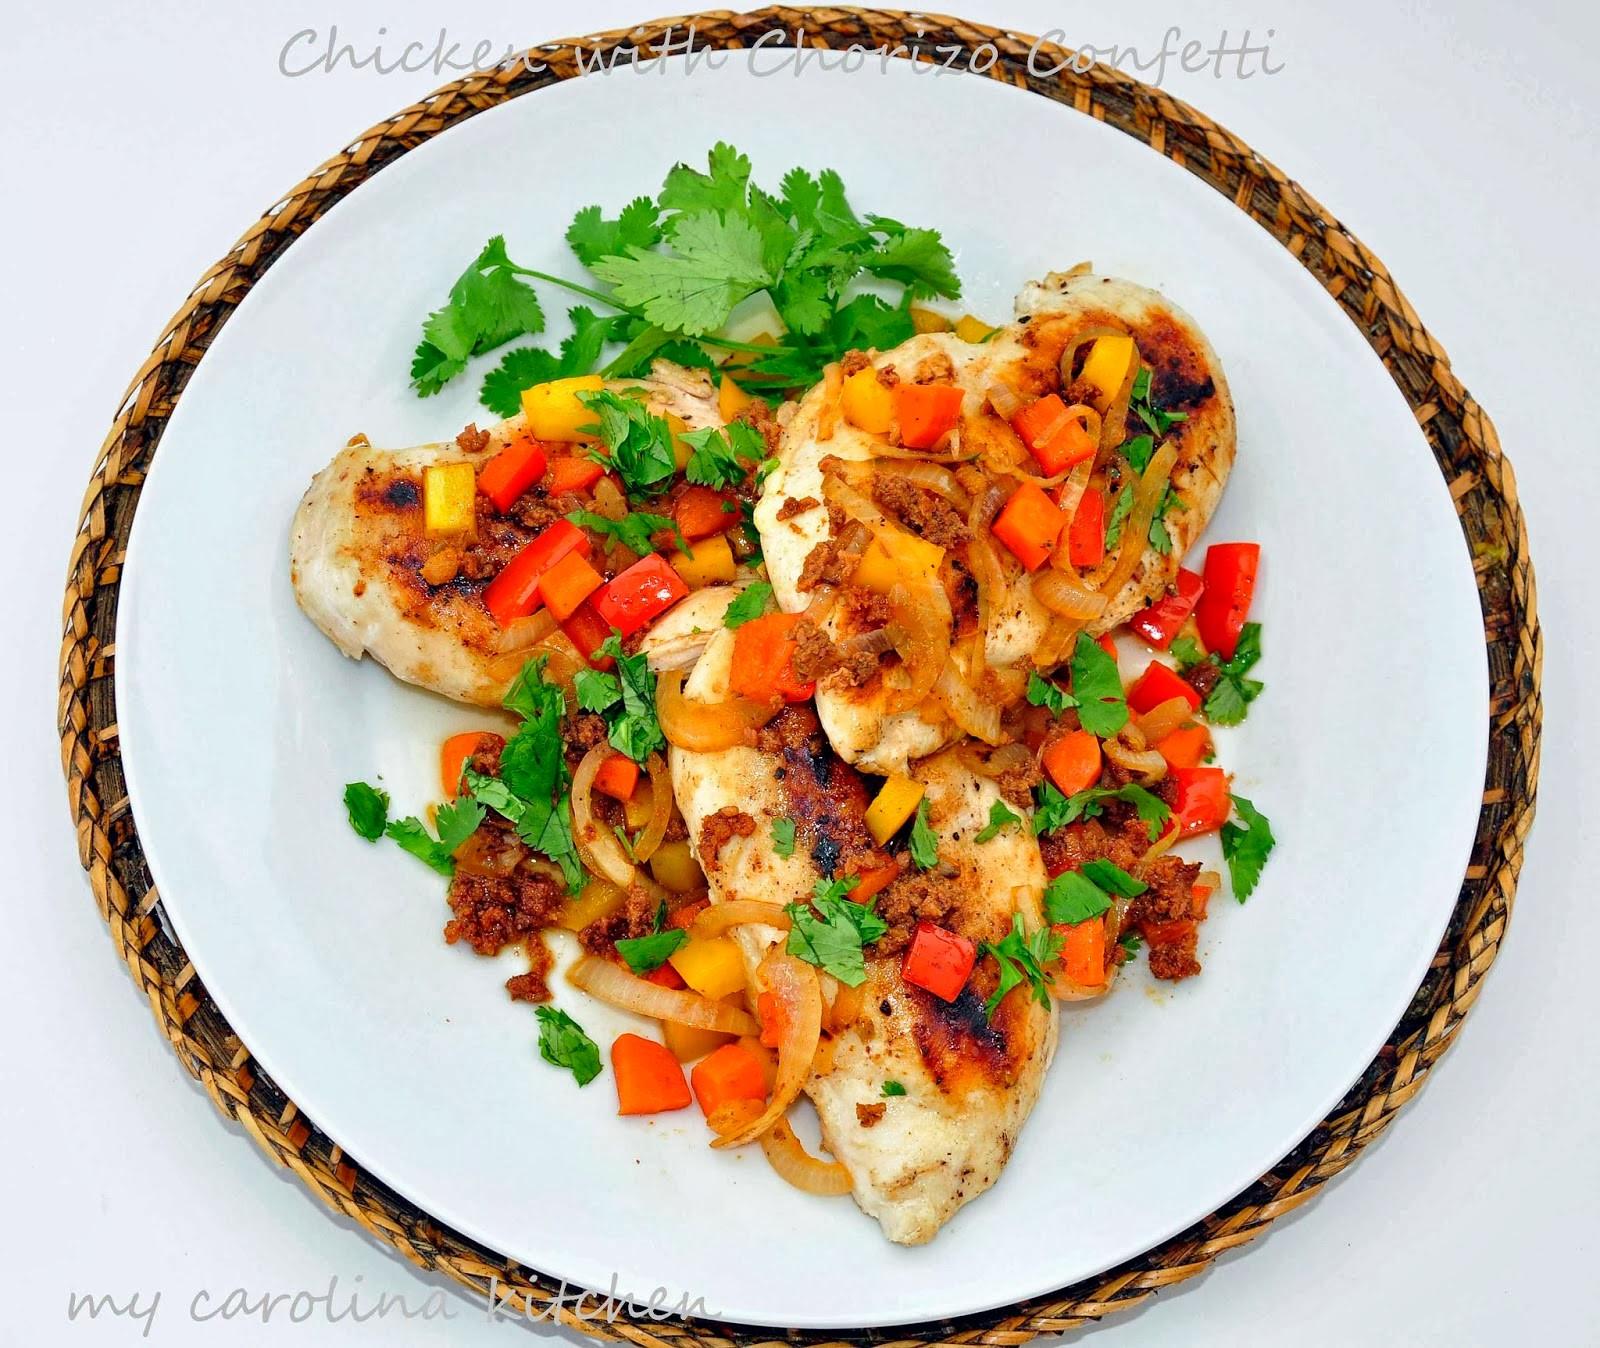 Romantic Healthy Dinners  Romantic Dinner Recipes Healthy Eating Weekly Menu Plan